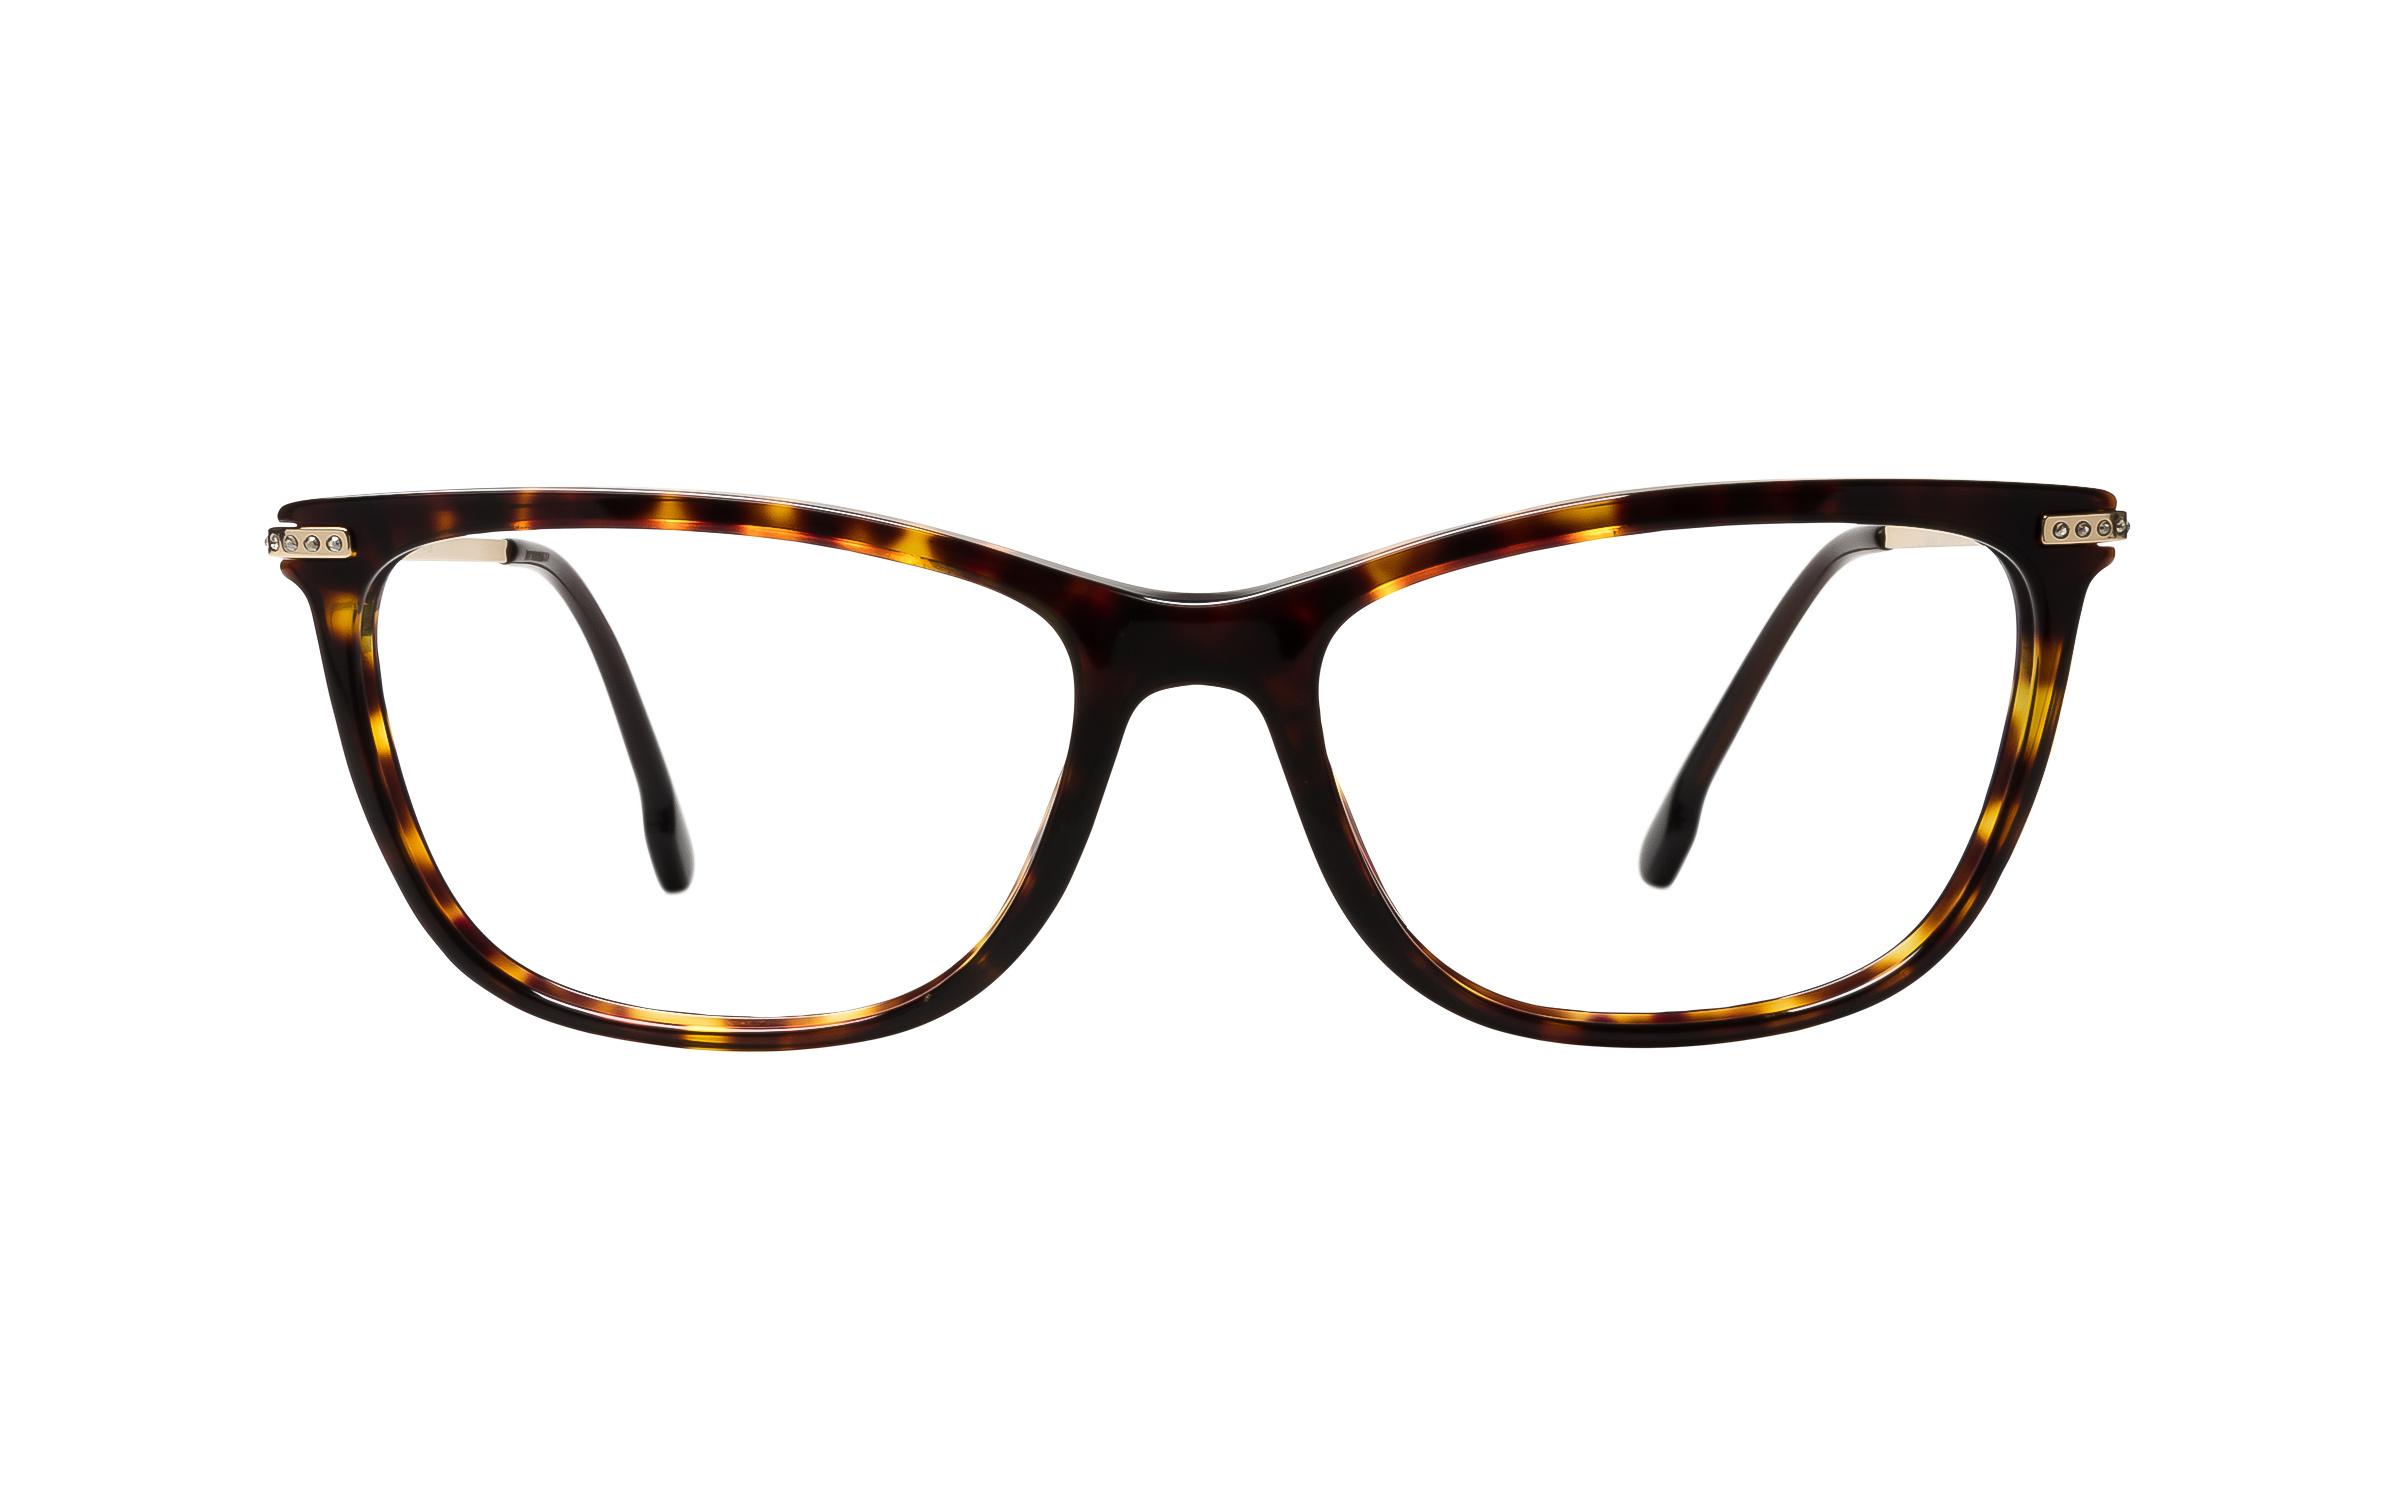 Versace VE3274B 108 (54) Eyeglasses and Frame in Brown/Tortoise | Acetate/Metal - Online Coastal